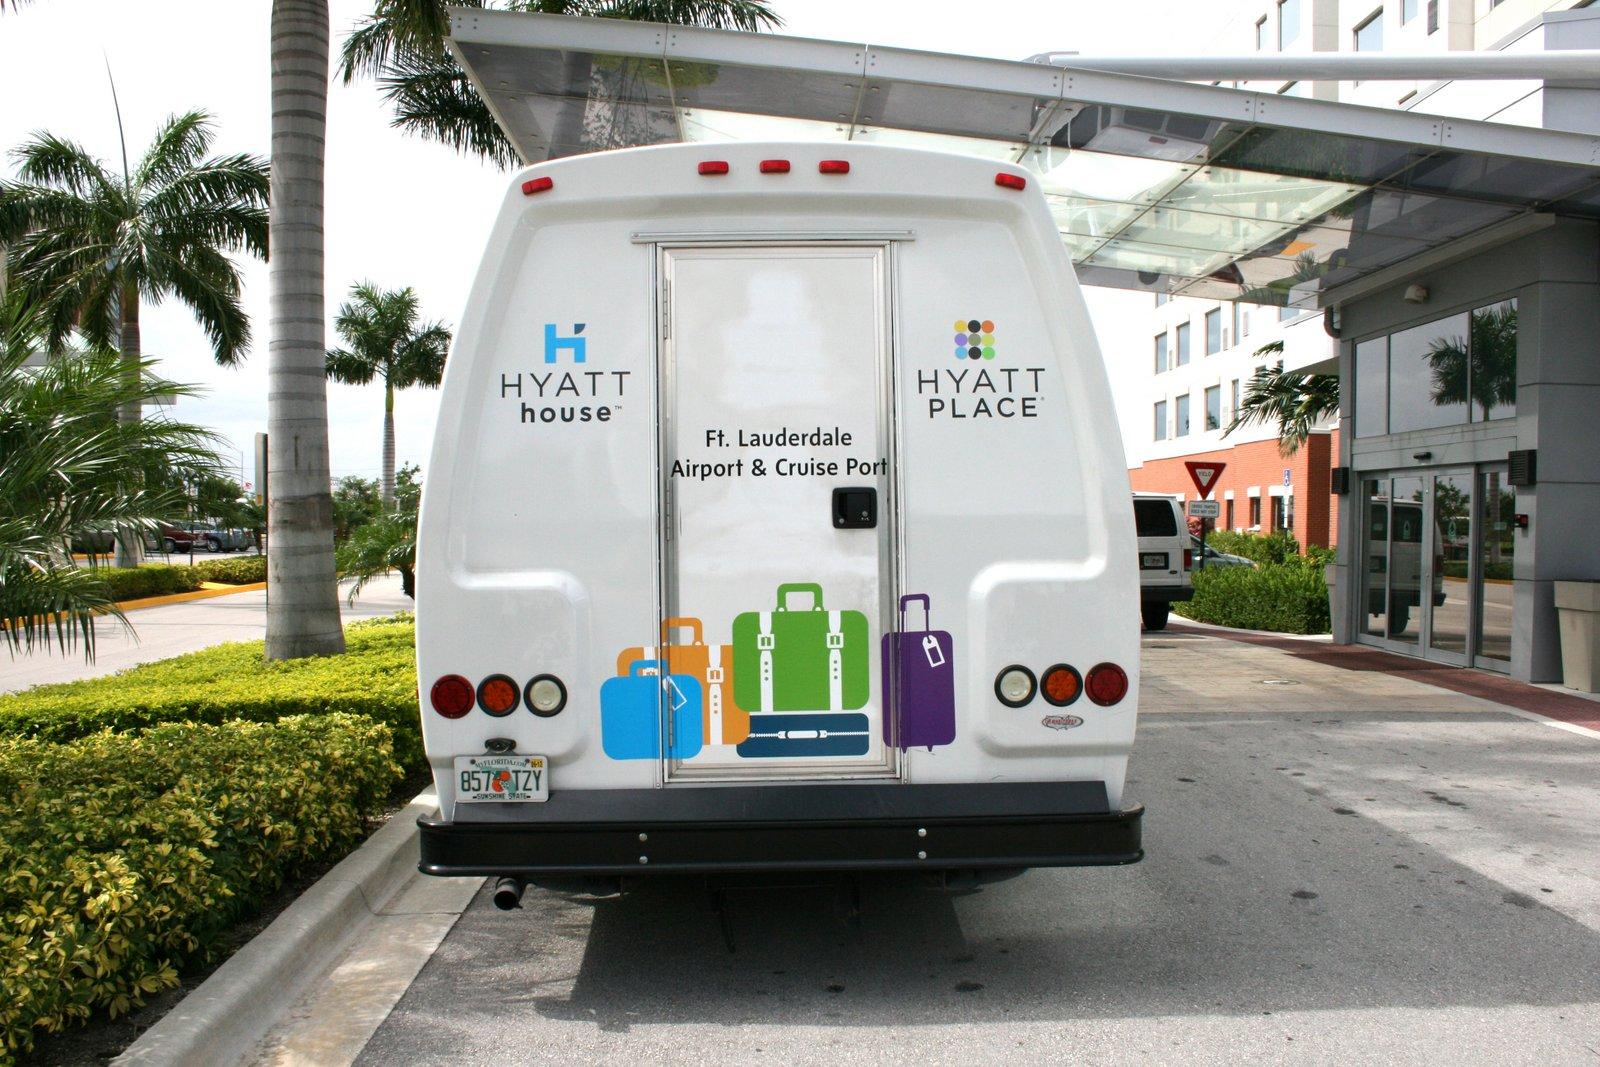 Hyatt House Fort Lauderdale